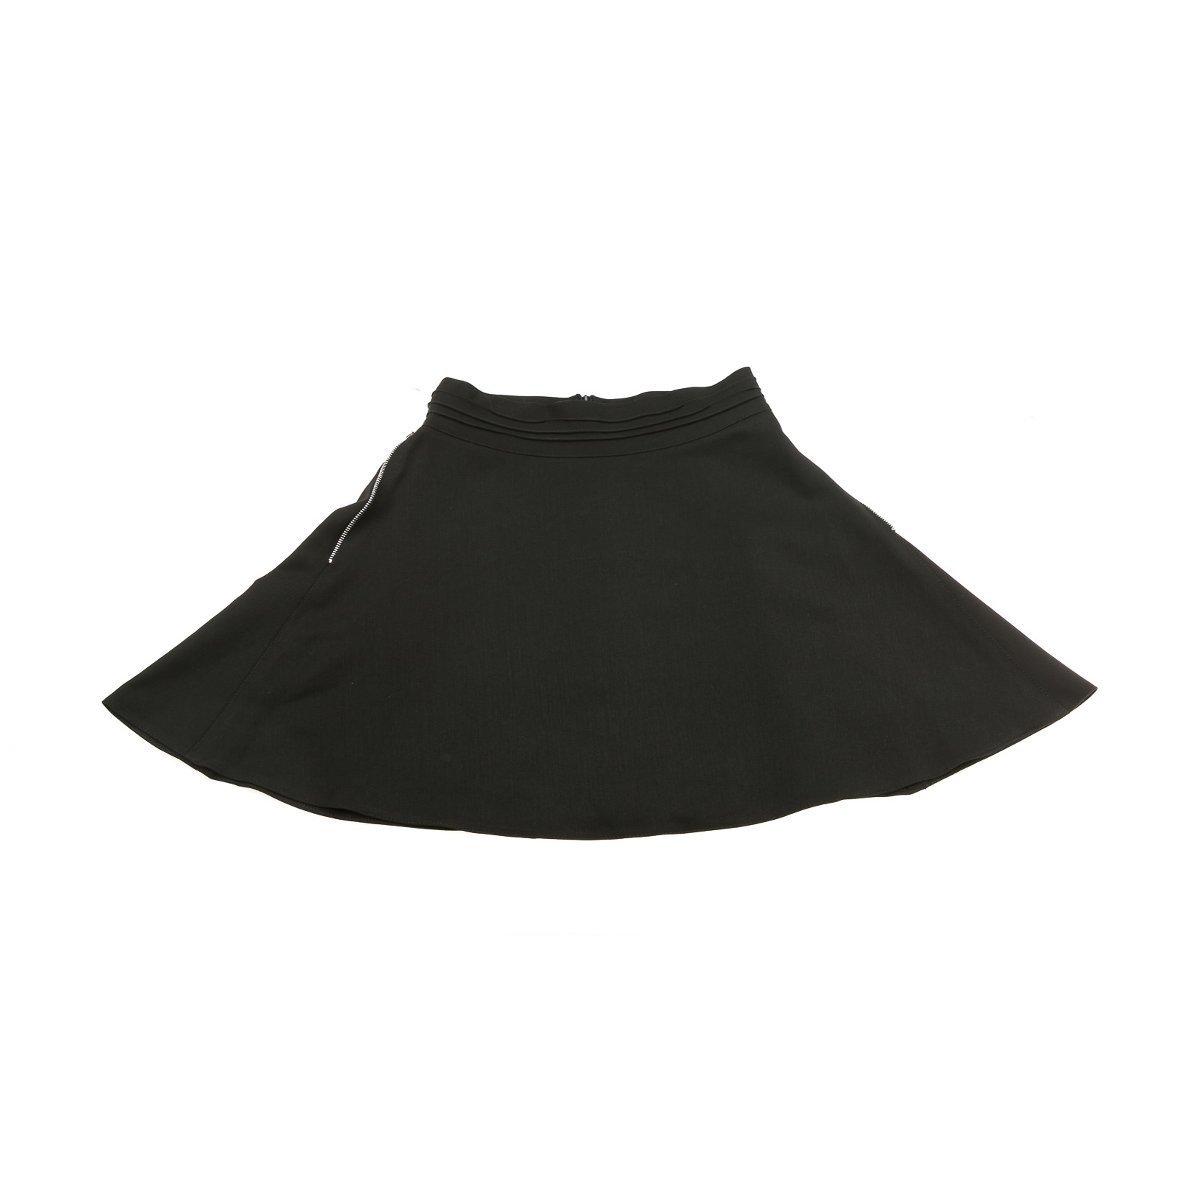 Купить Платья, сарафаны, юбки, Юбка Mevis с молниями, черная, р. 146 1822 ТМ: Mevis, черный